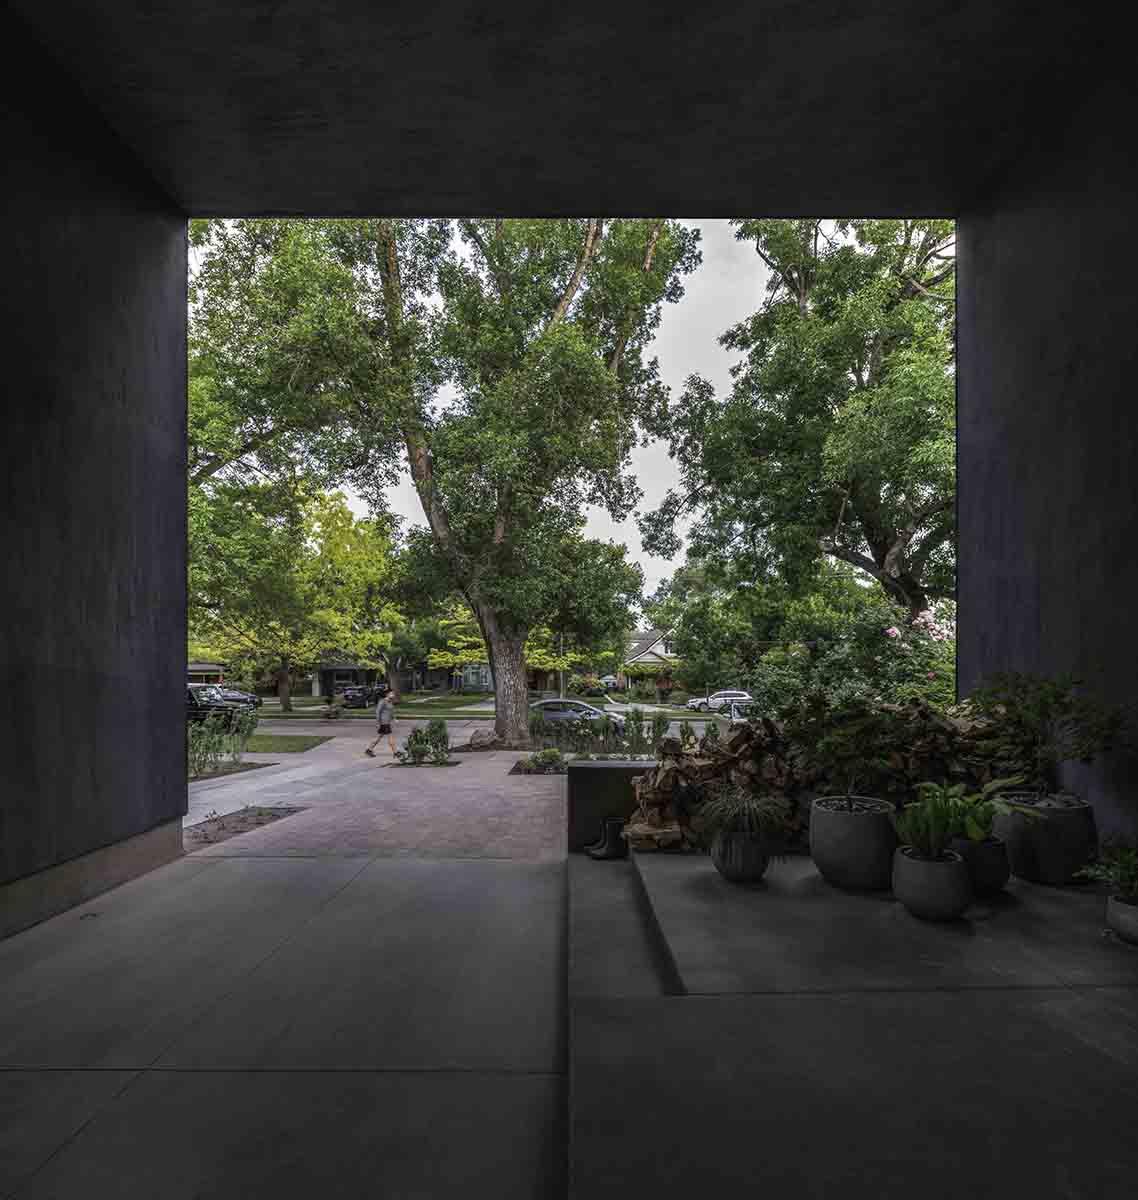 Entrance Facing Out to Street Matt Winquist